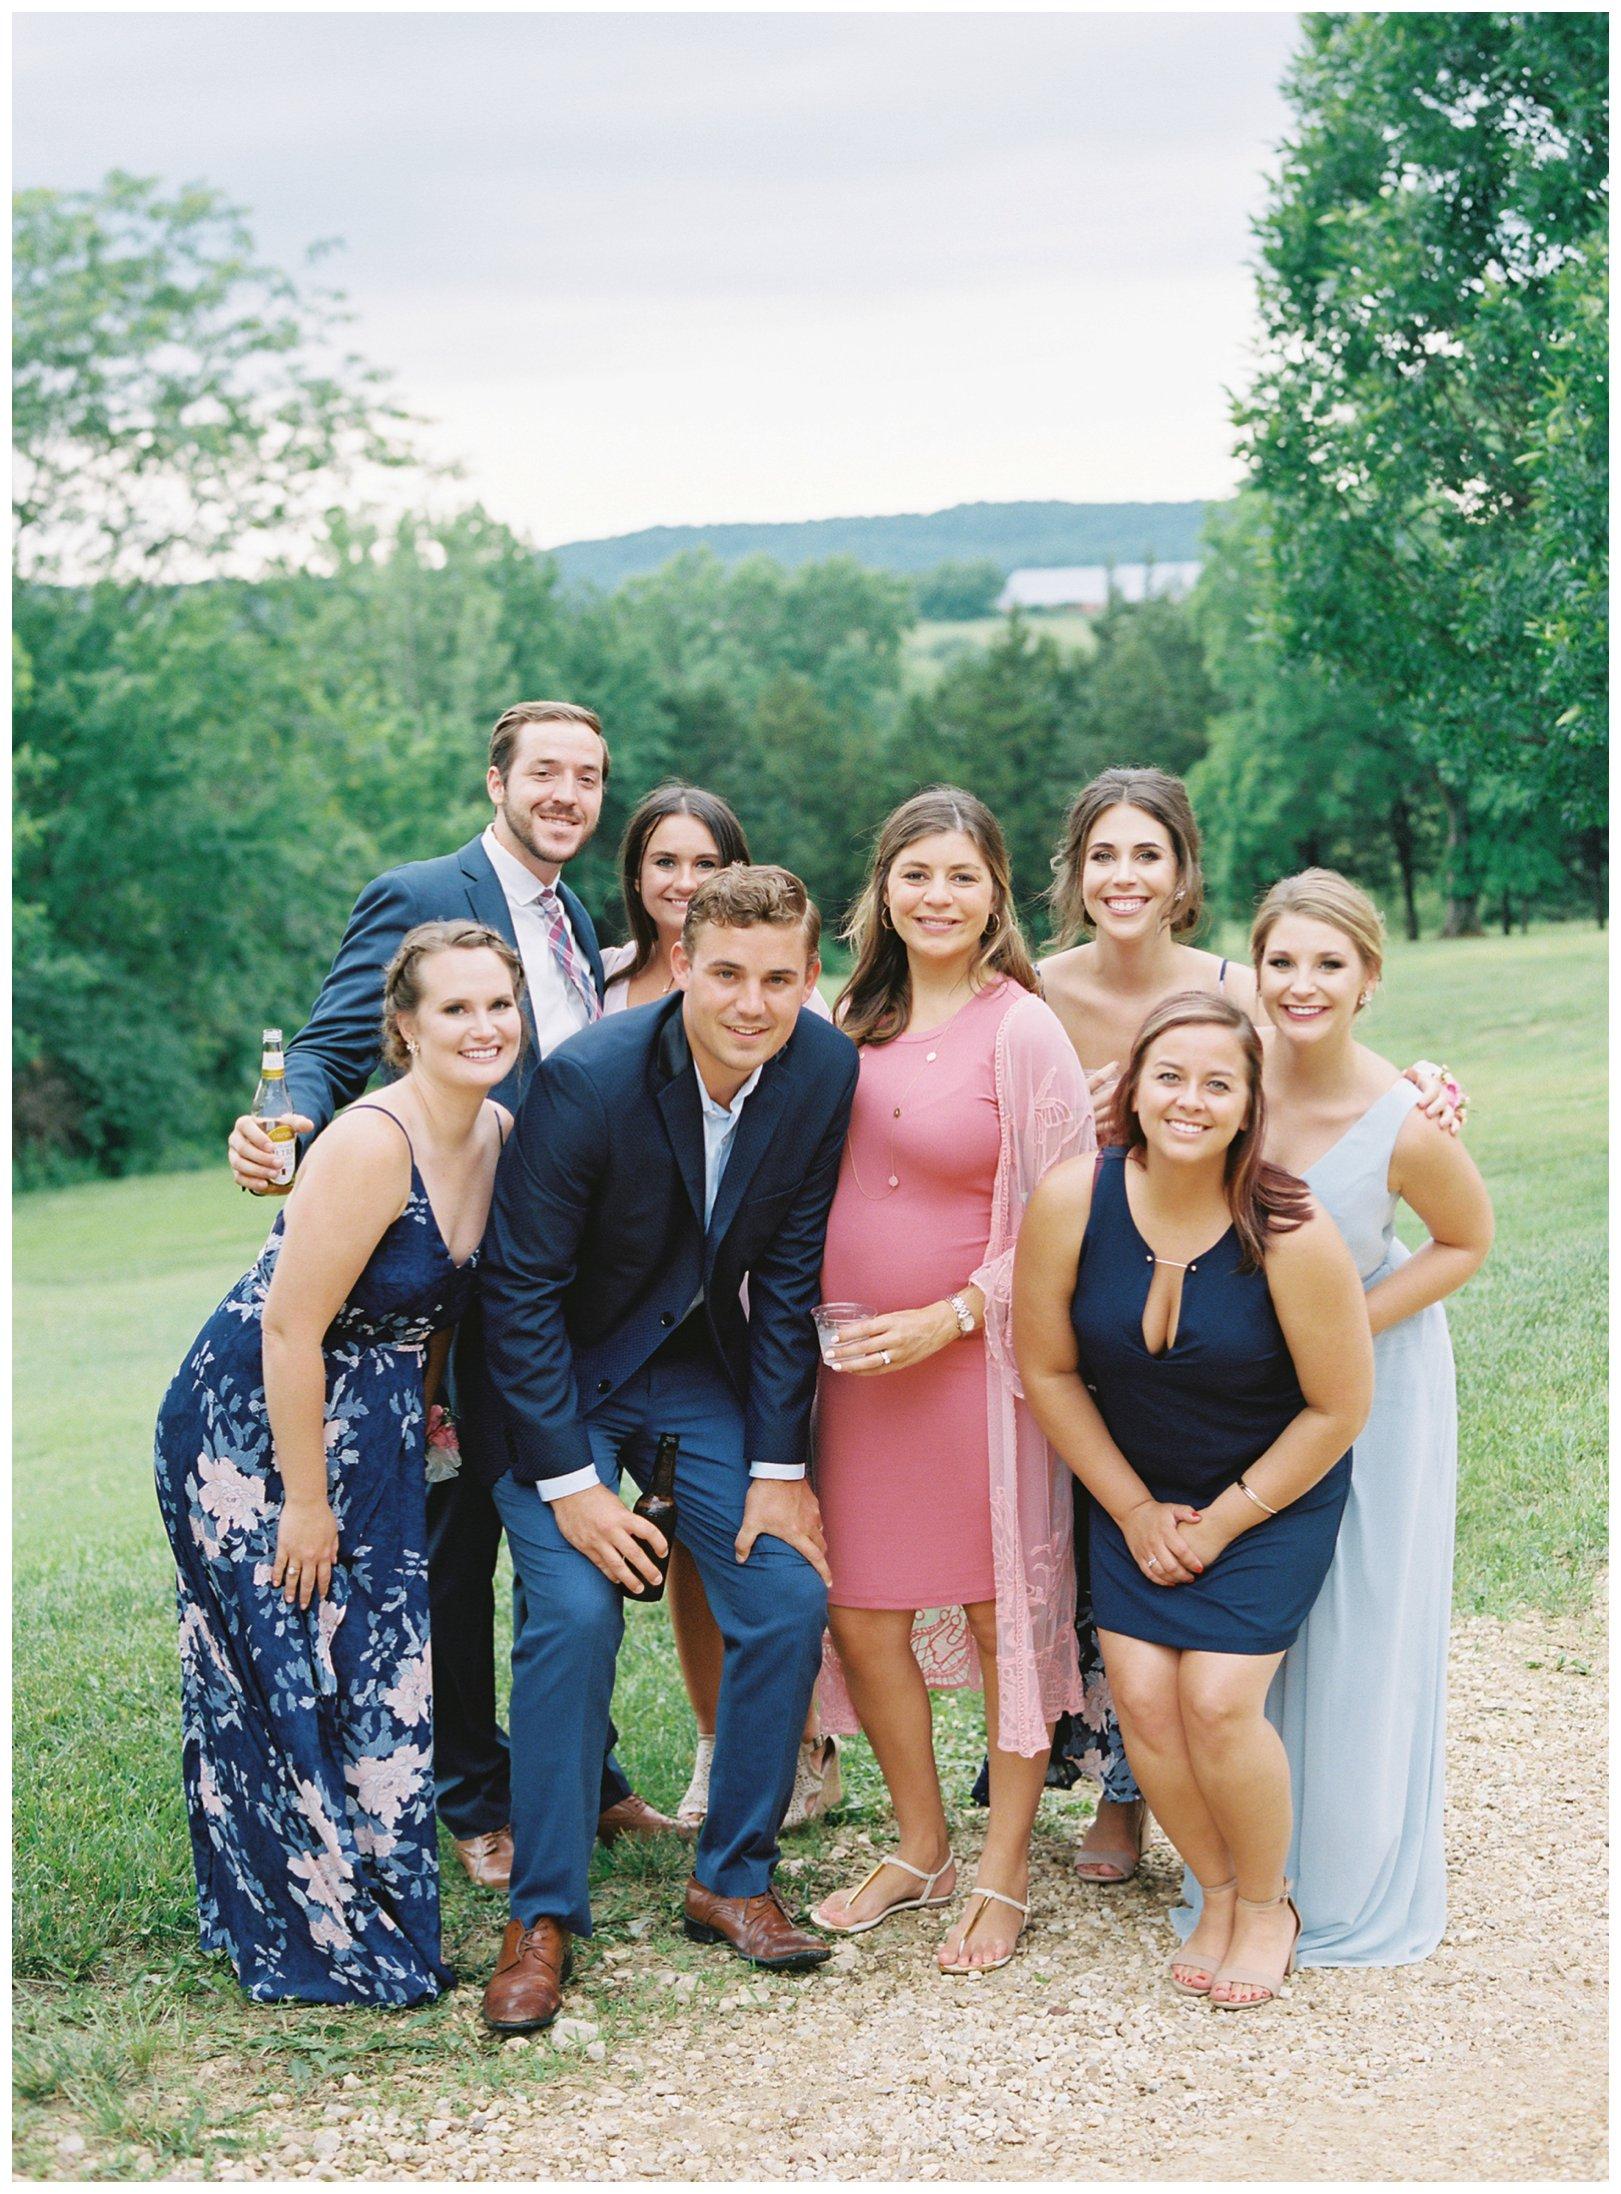 lauren muckler photography_fine art film wedding photography_st louis_photography_2385.jpg